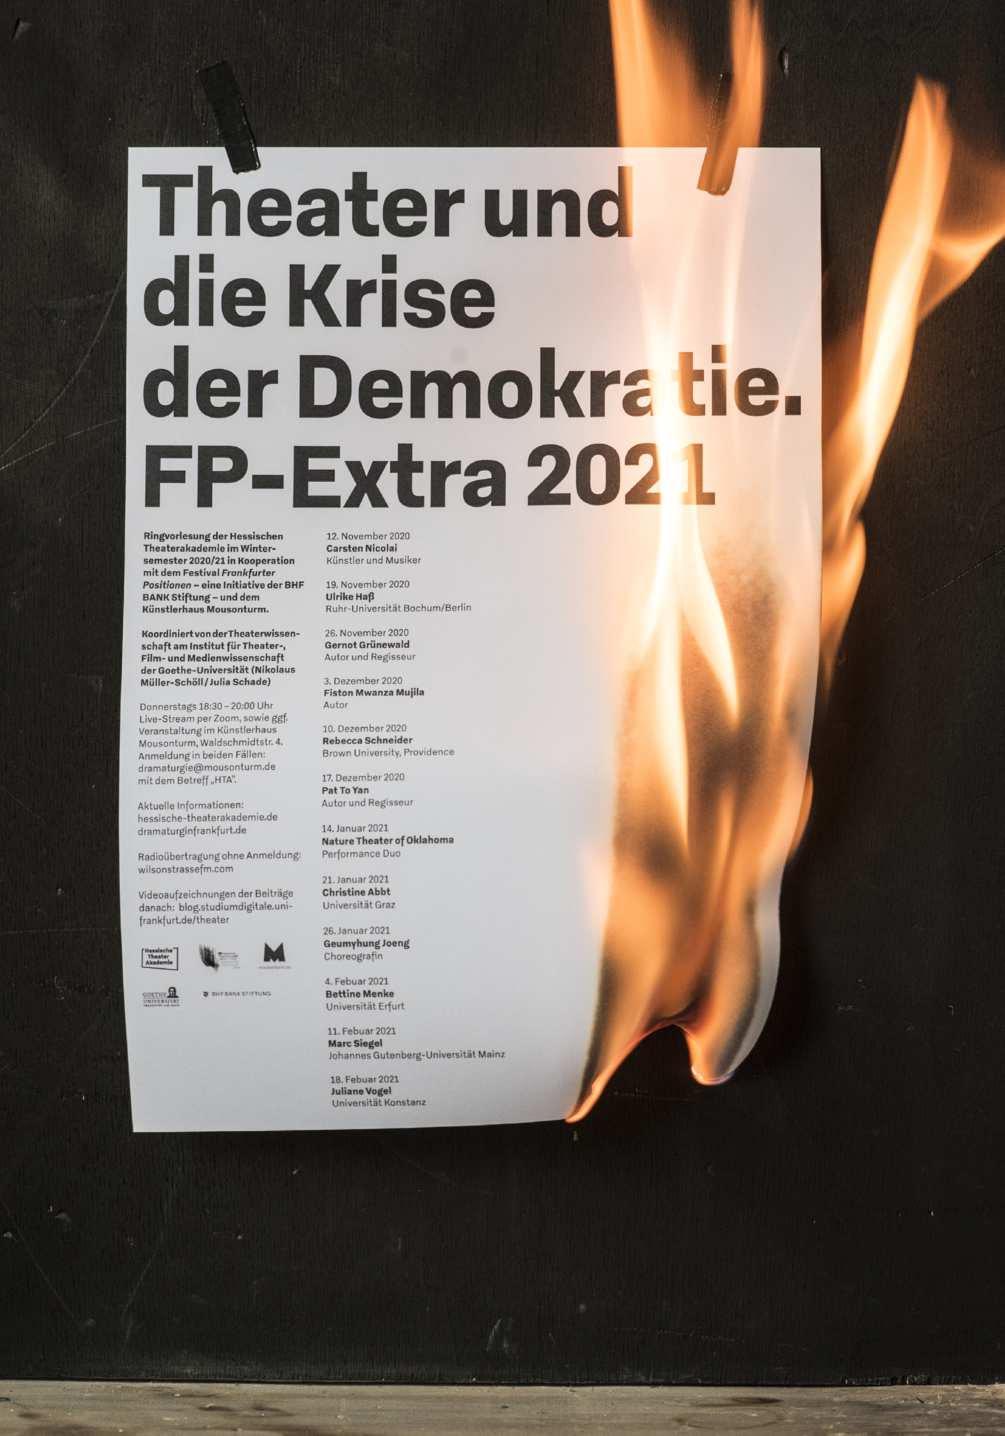 krise-der-demokratie-photo-03-1005x1436px